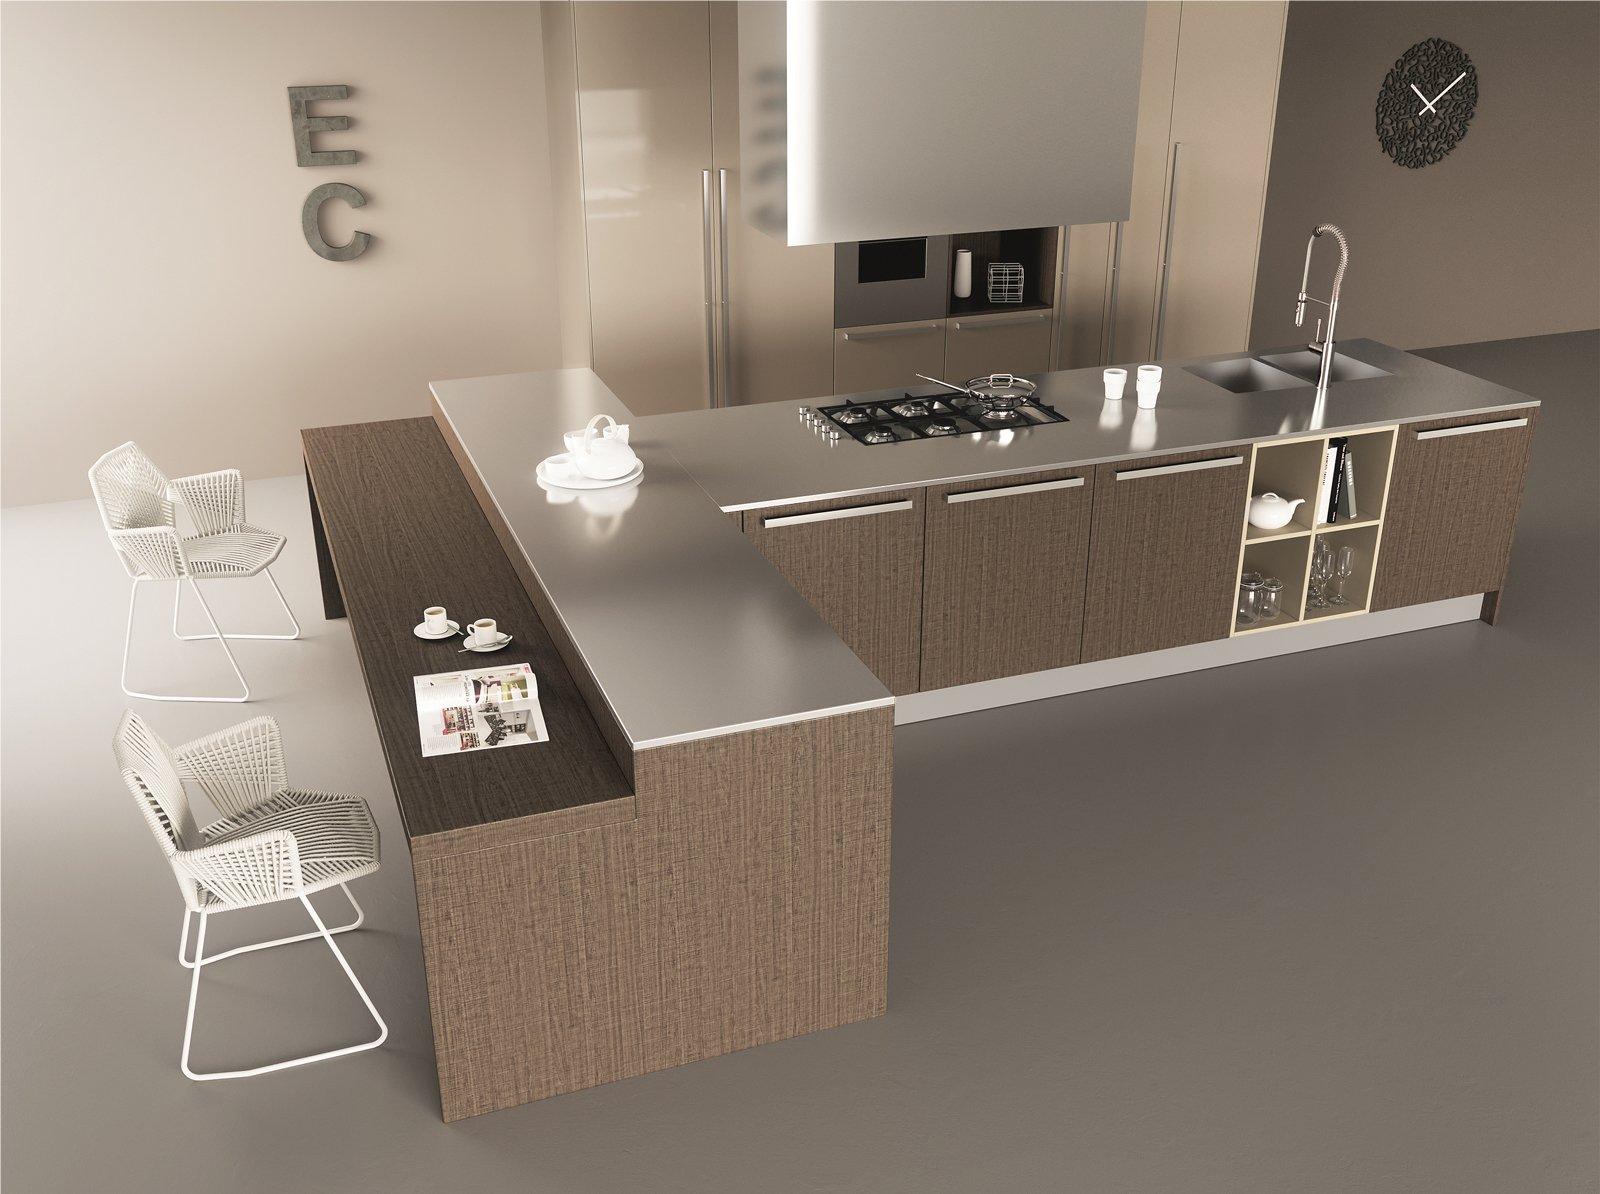 Cucine con grandi piani di lavoro cose di casa - Piano cucina okite prezzi ...